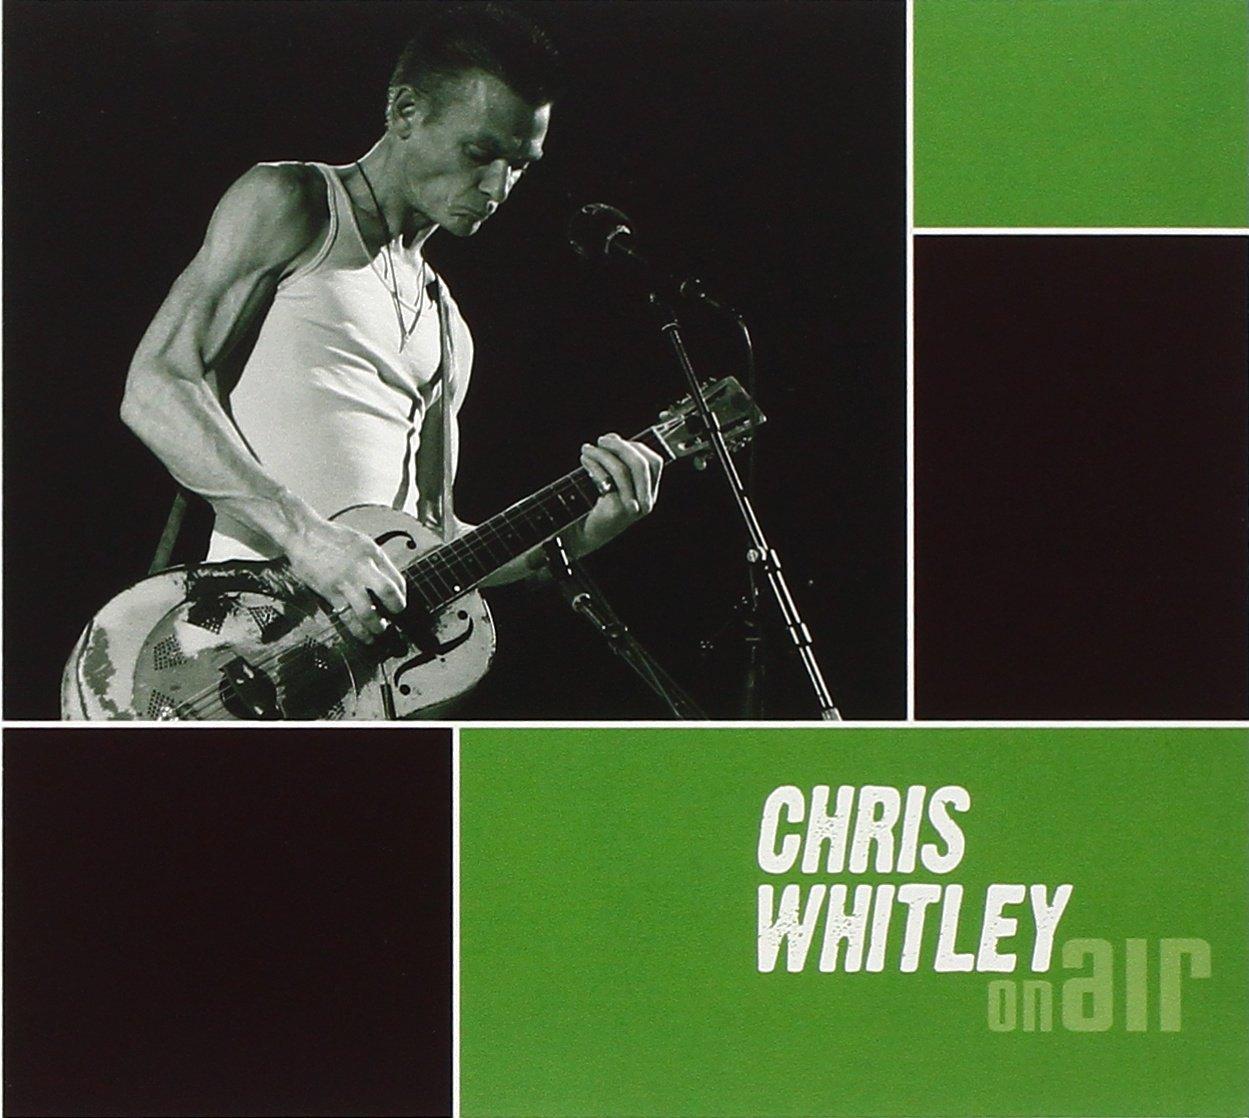 Chris Whitley – On Air (2008) [FLAC]